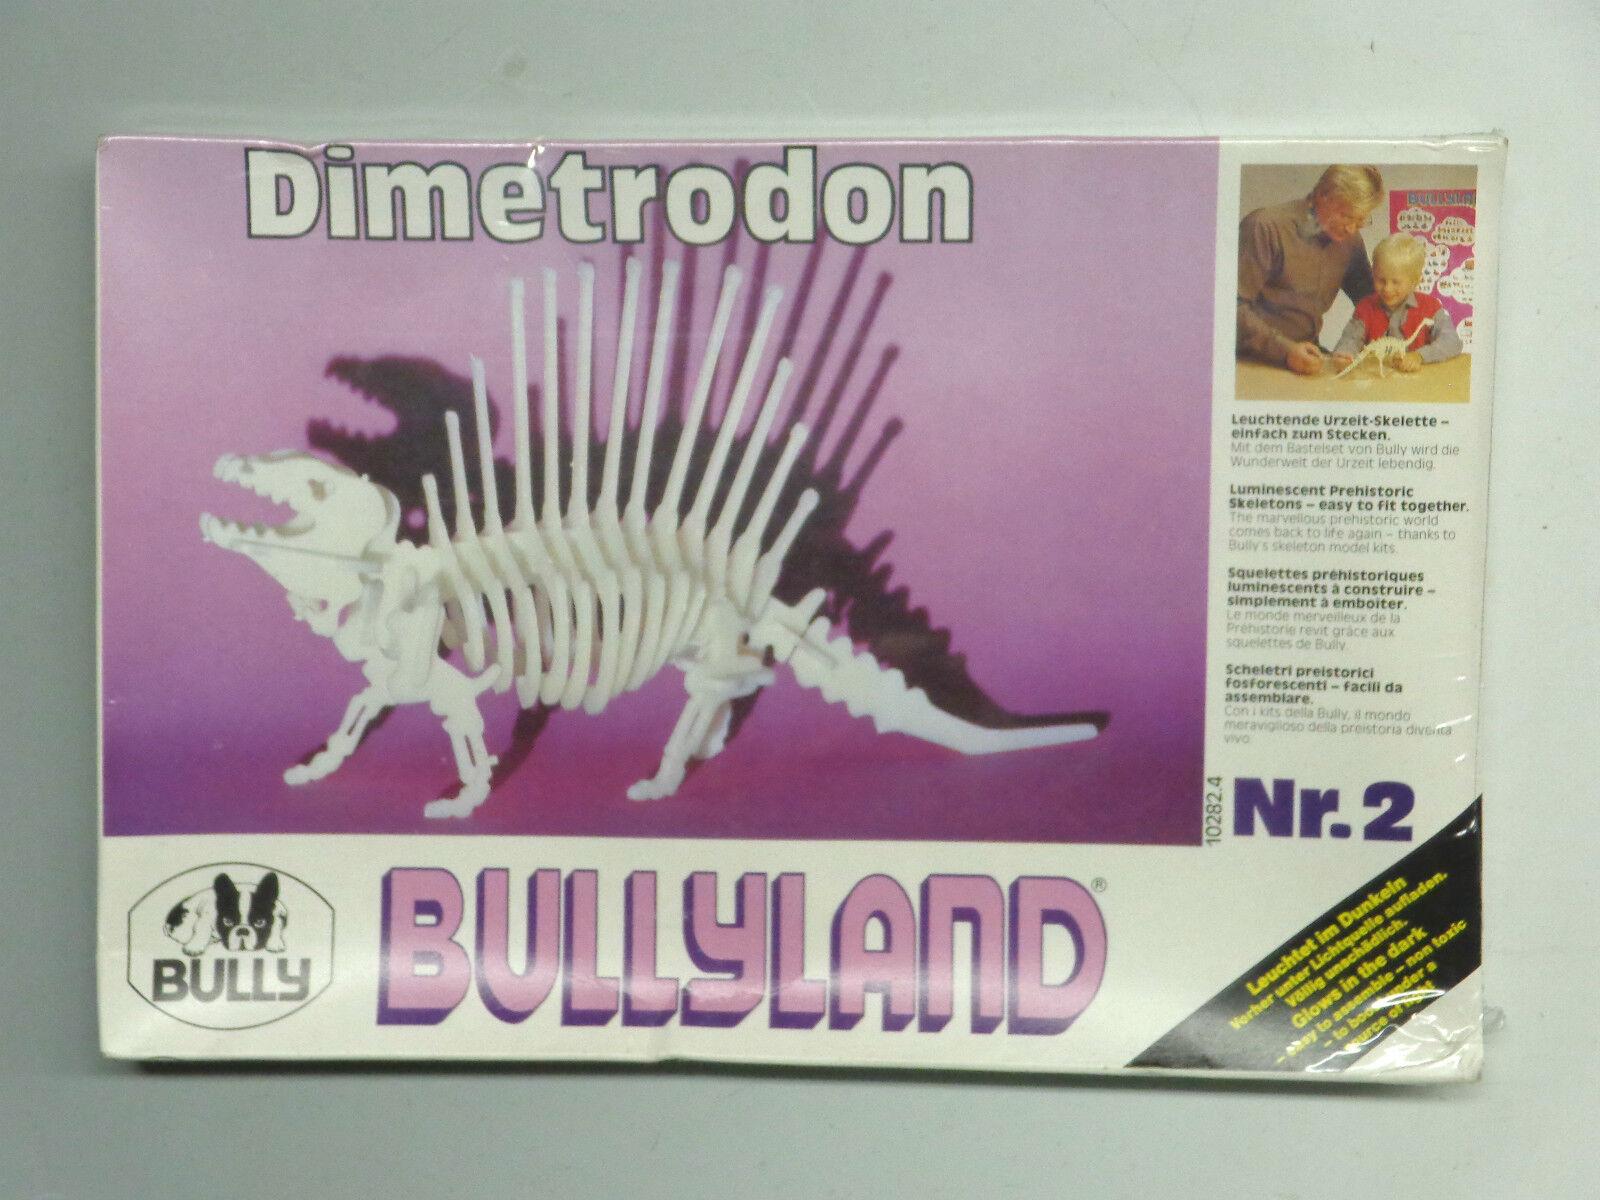 Bully Bullyland Dimetrodon Dinosauri modellllerlerl Kit Skeleton Nr 2 MIB SEALD 1979 MISB